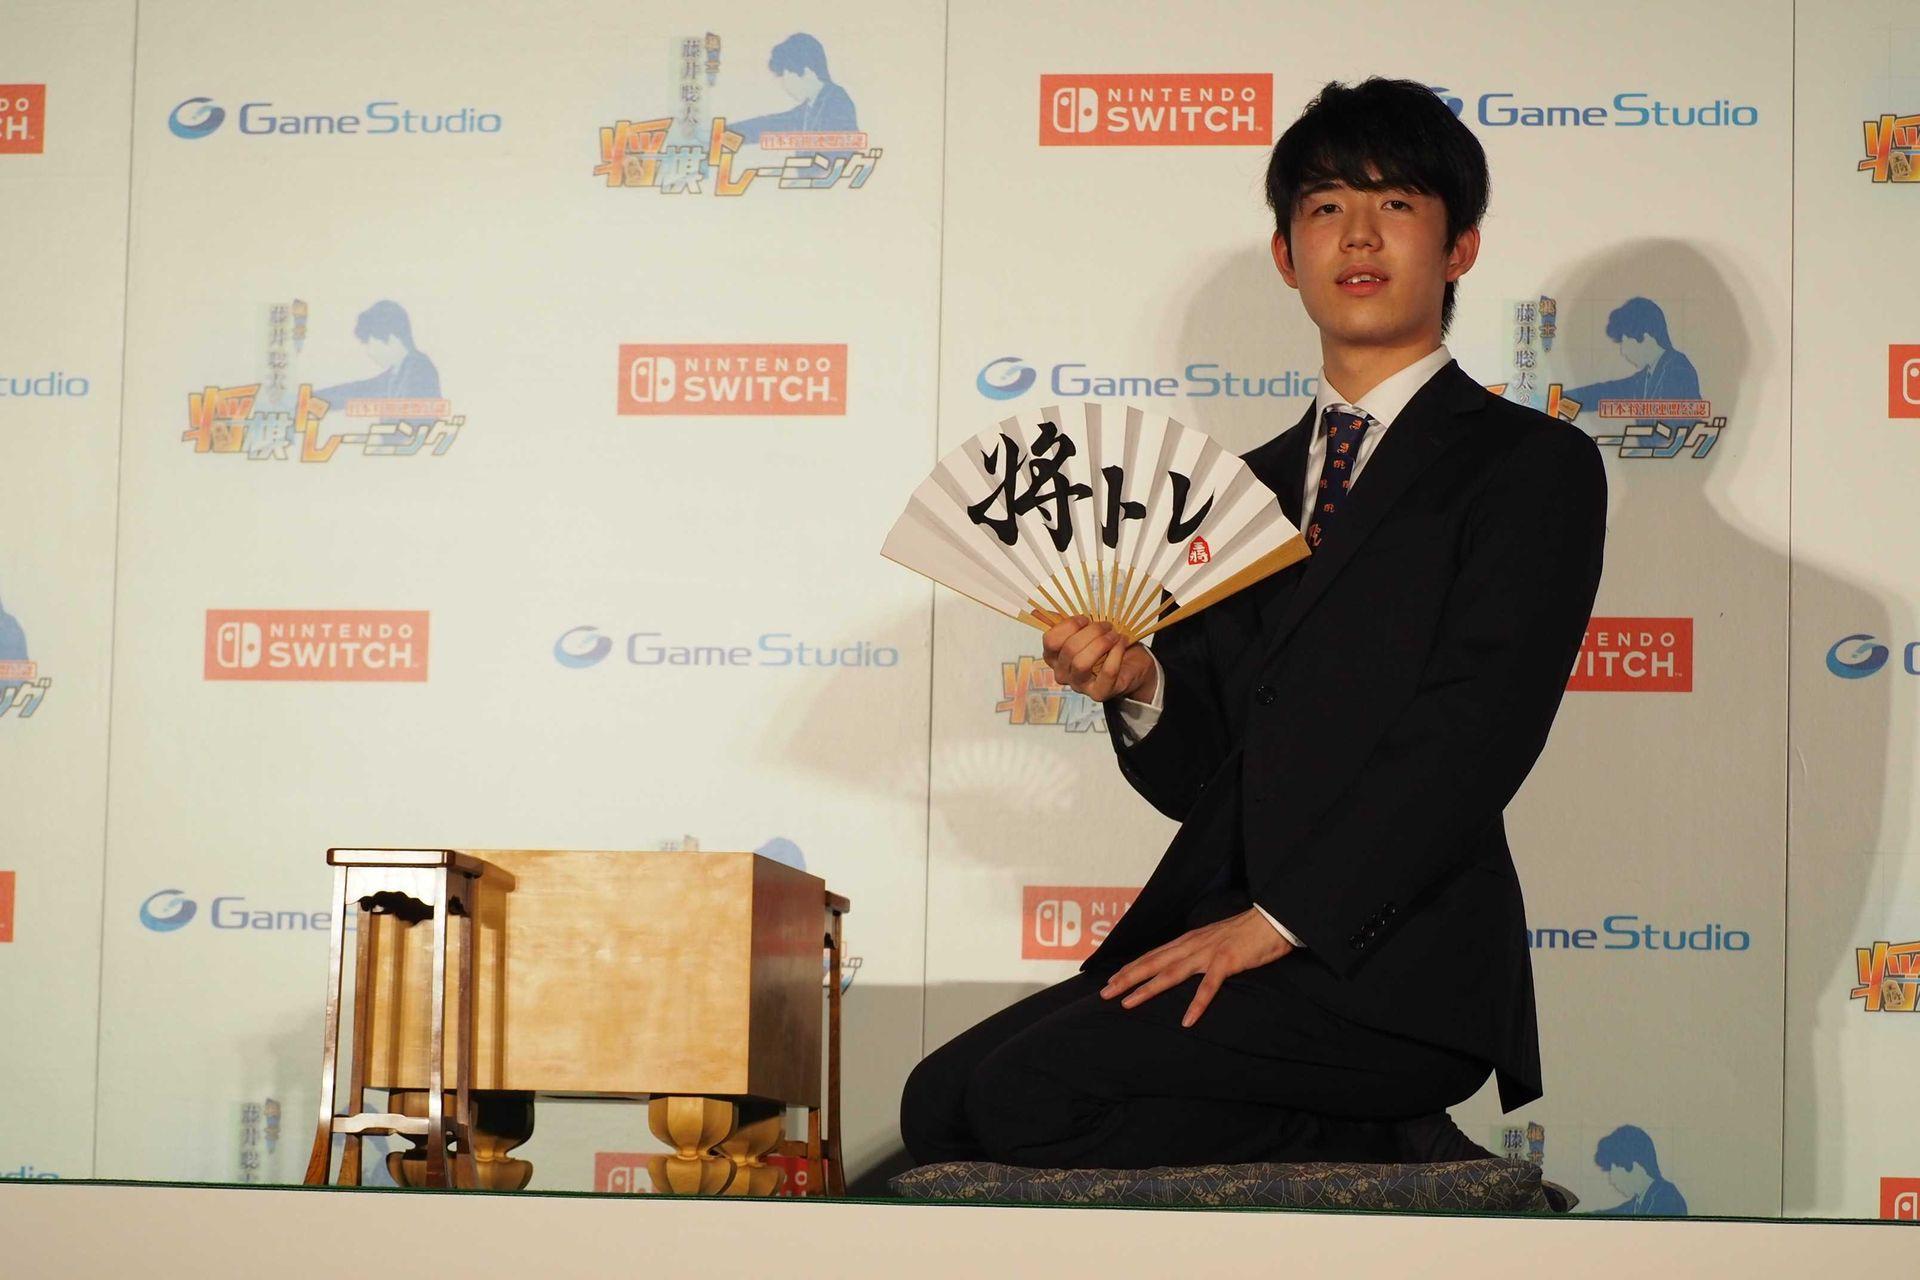 藤井 翔太 将棋 結果 将棋ファンがなぜ藤井聡太にこれほど熱狂するのか、将棋ファン自身が...